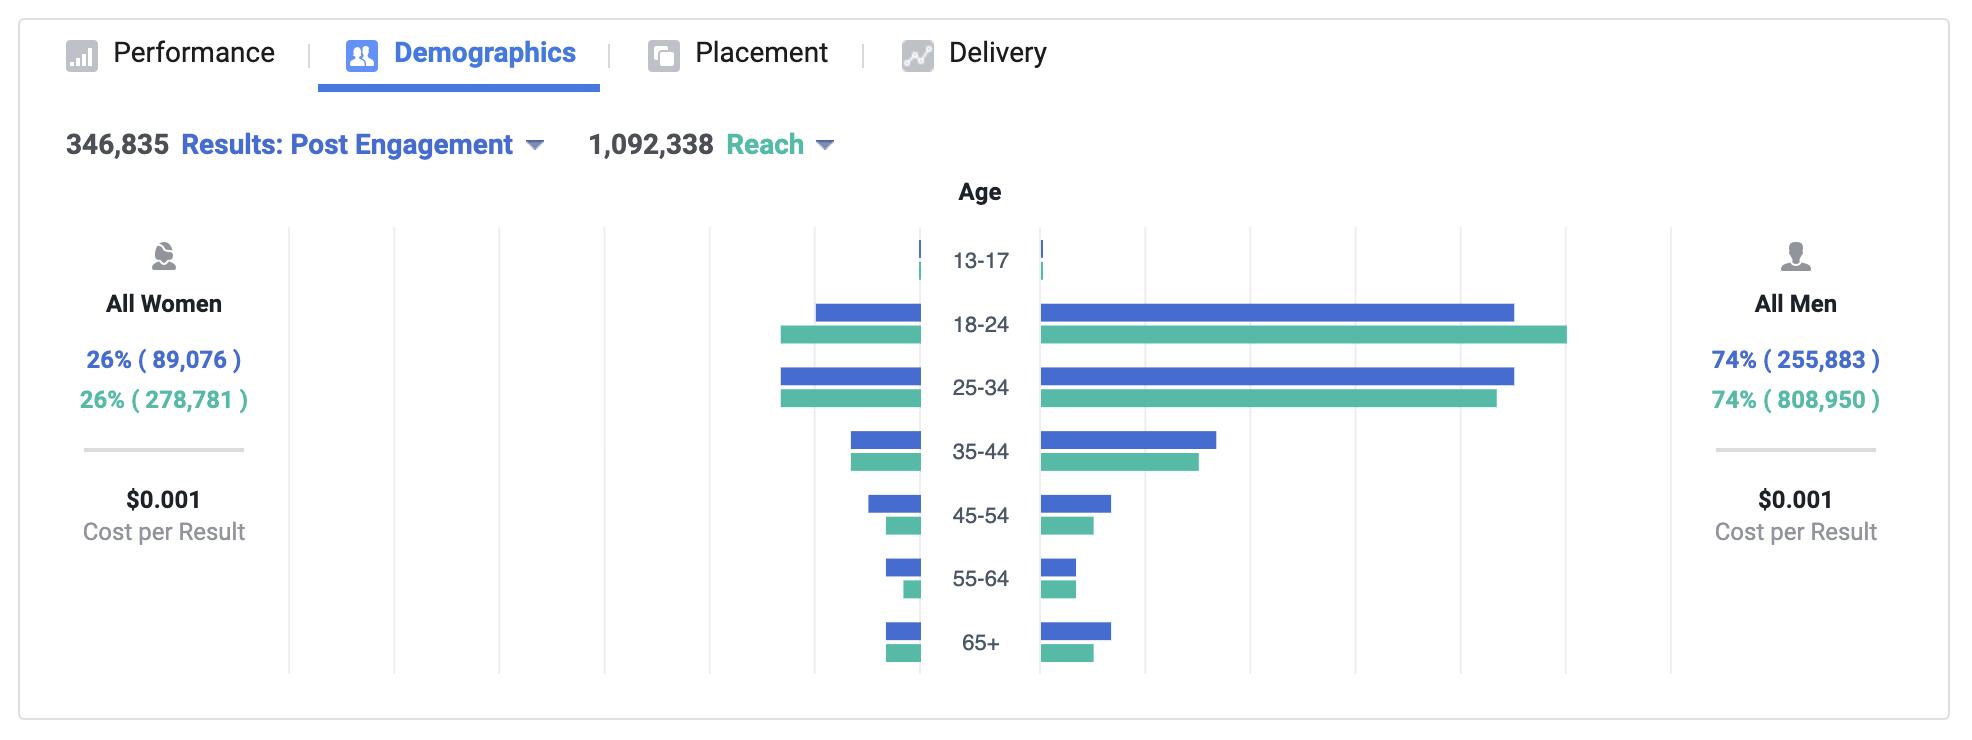 تحليلات ورؤى اعلانات فيسبوك